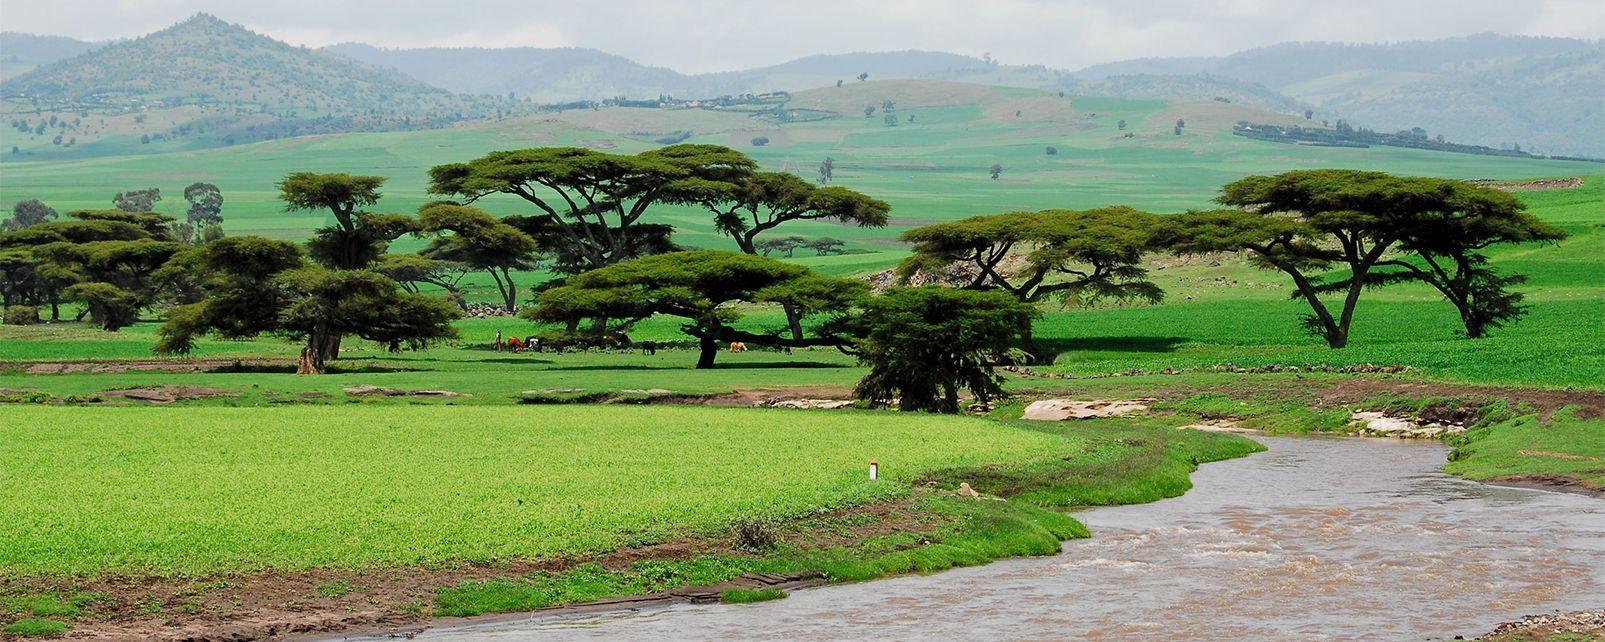 National Parks , Bale Mountains National Park, Ethiopia , Ethiopia